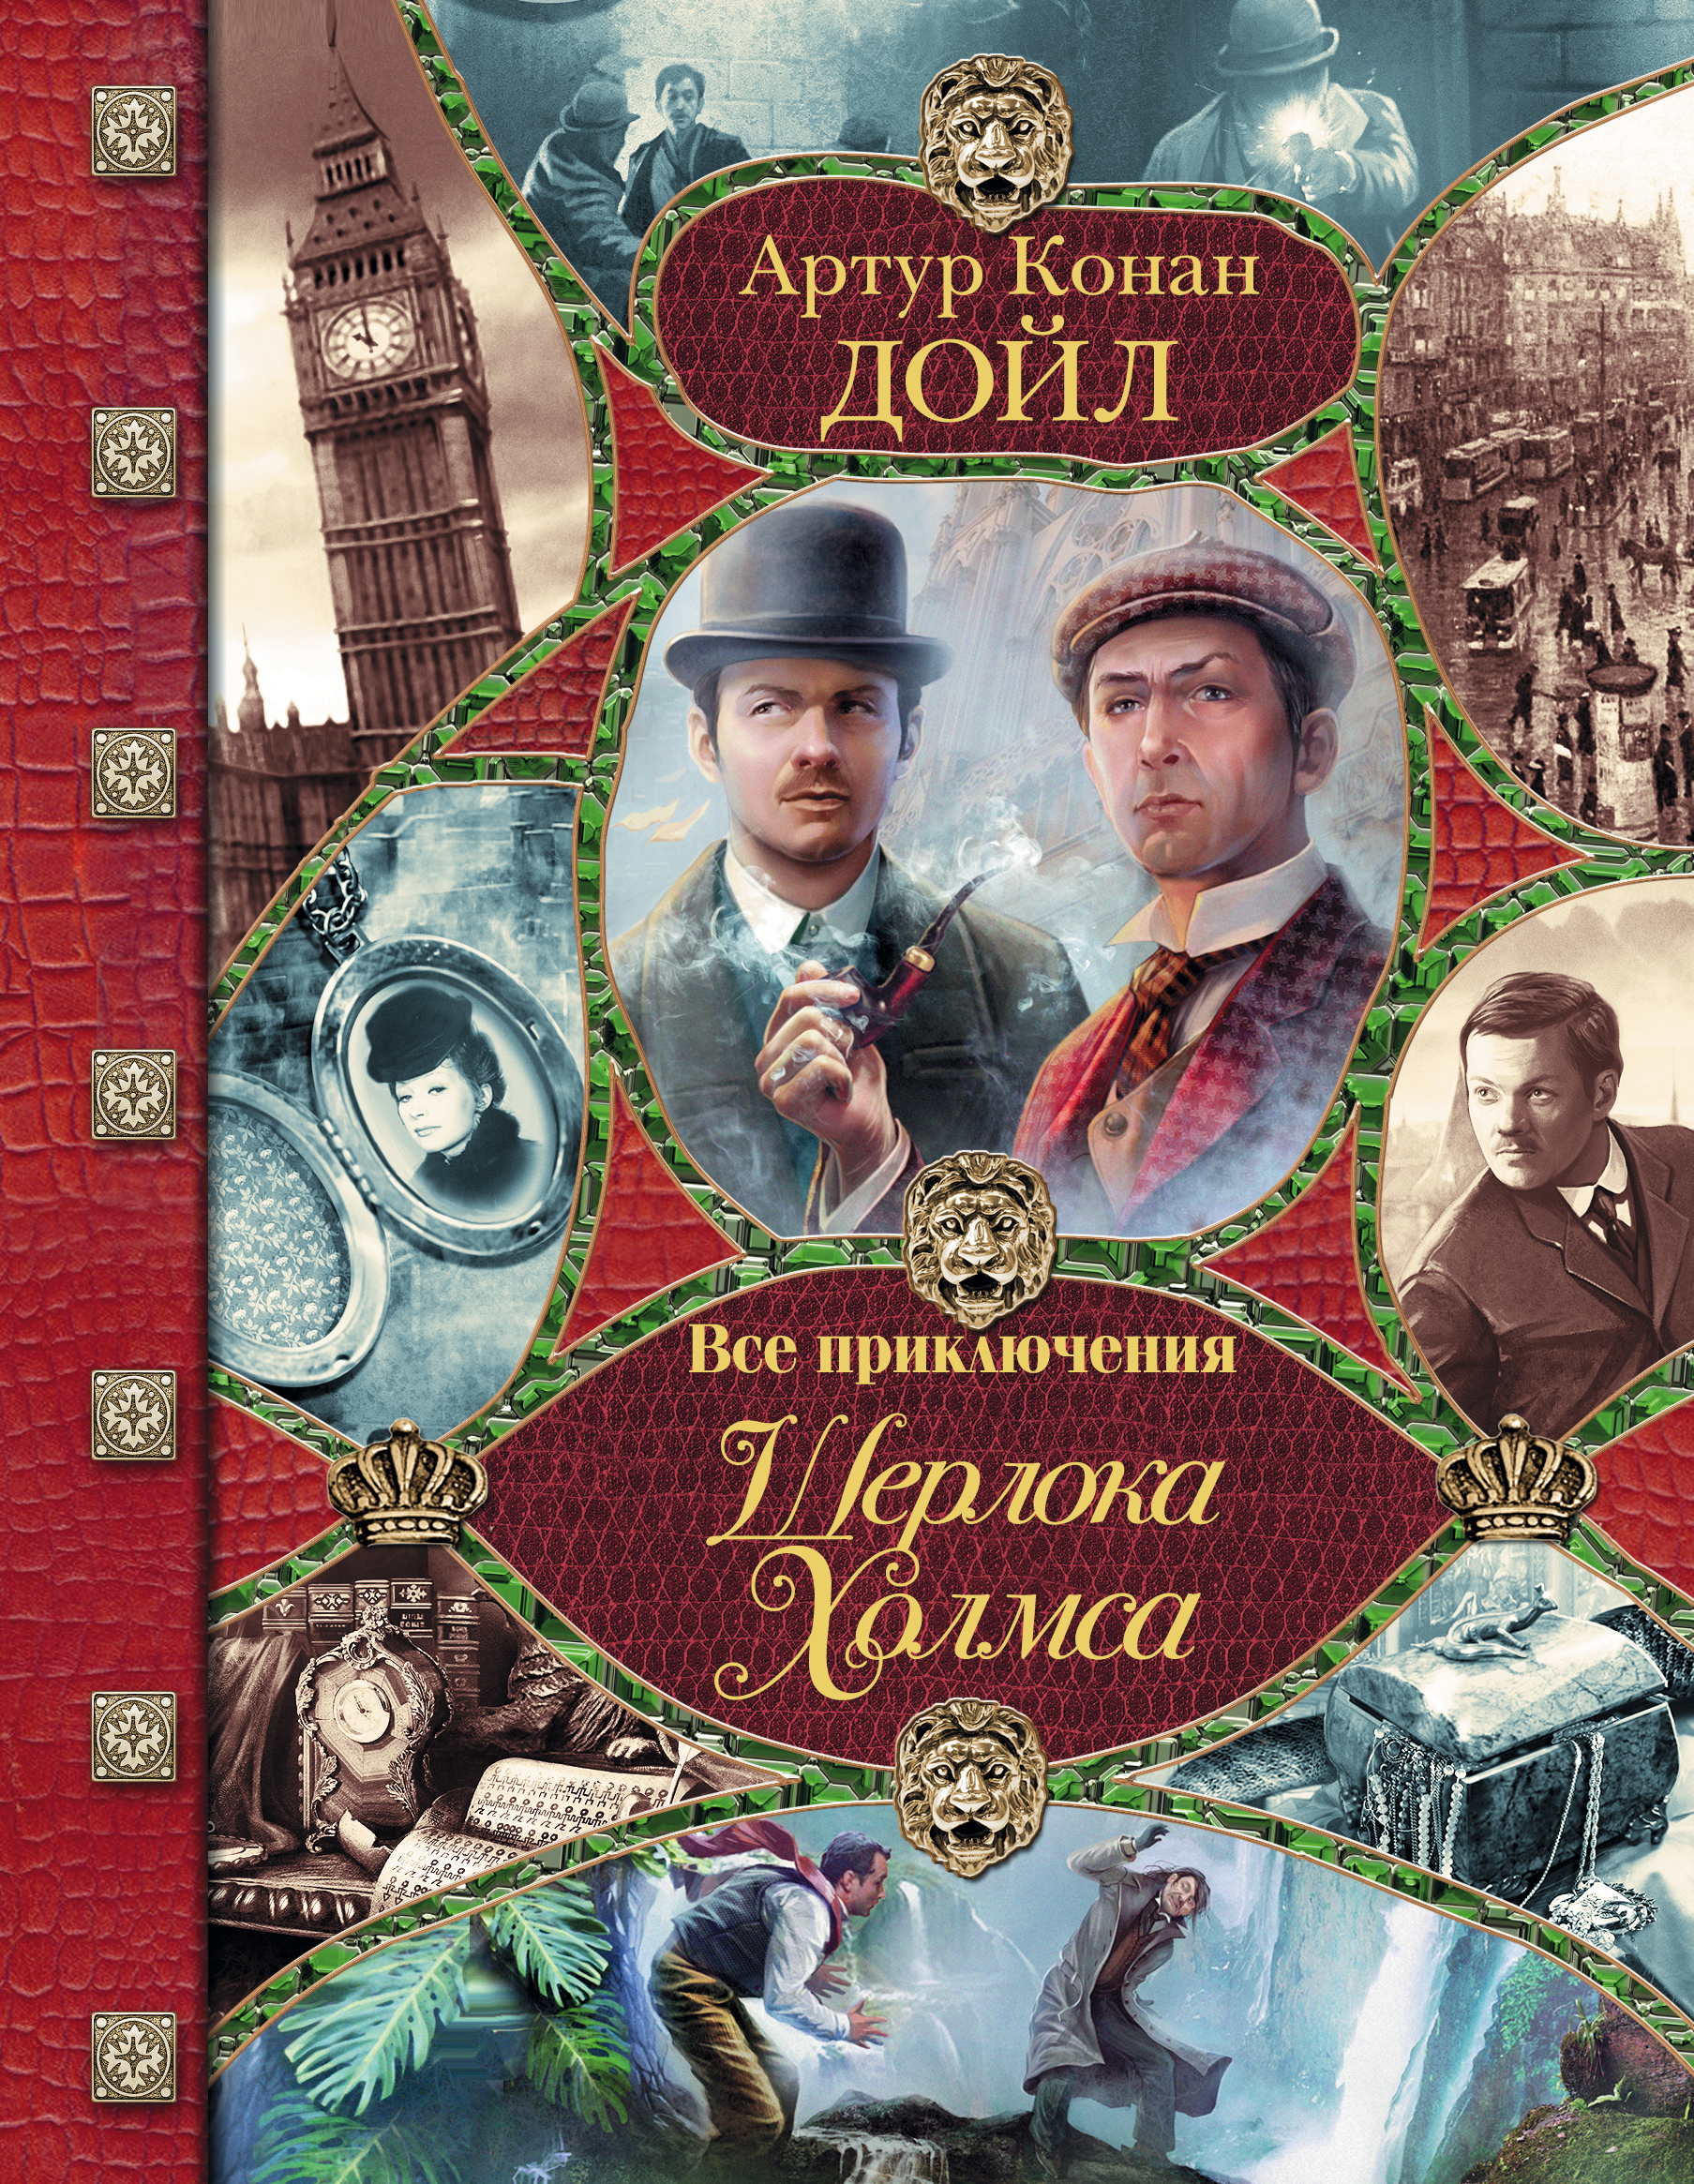 Дойл А.К. Все приключения Шерлока Холмса дойл артур конан малое собрание сочинений